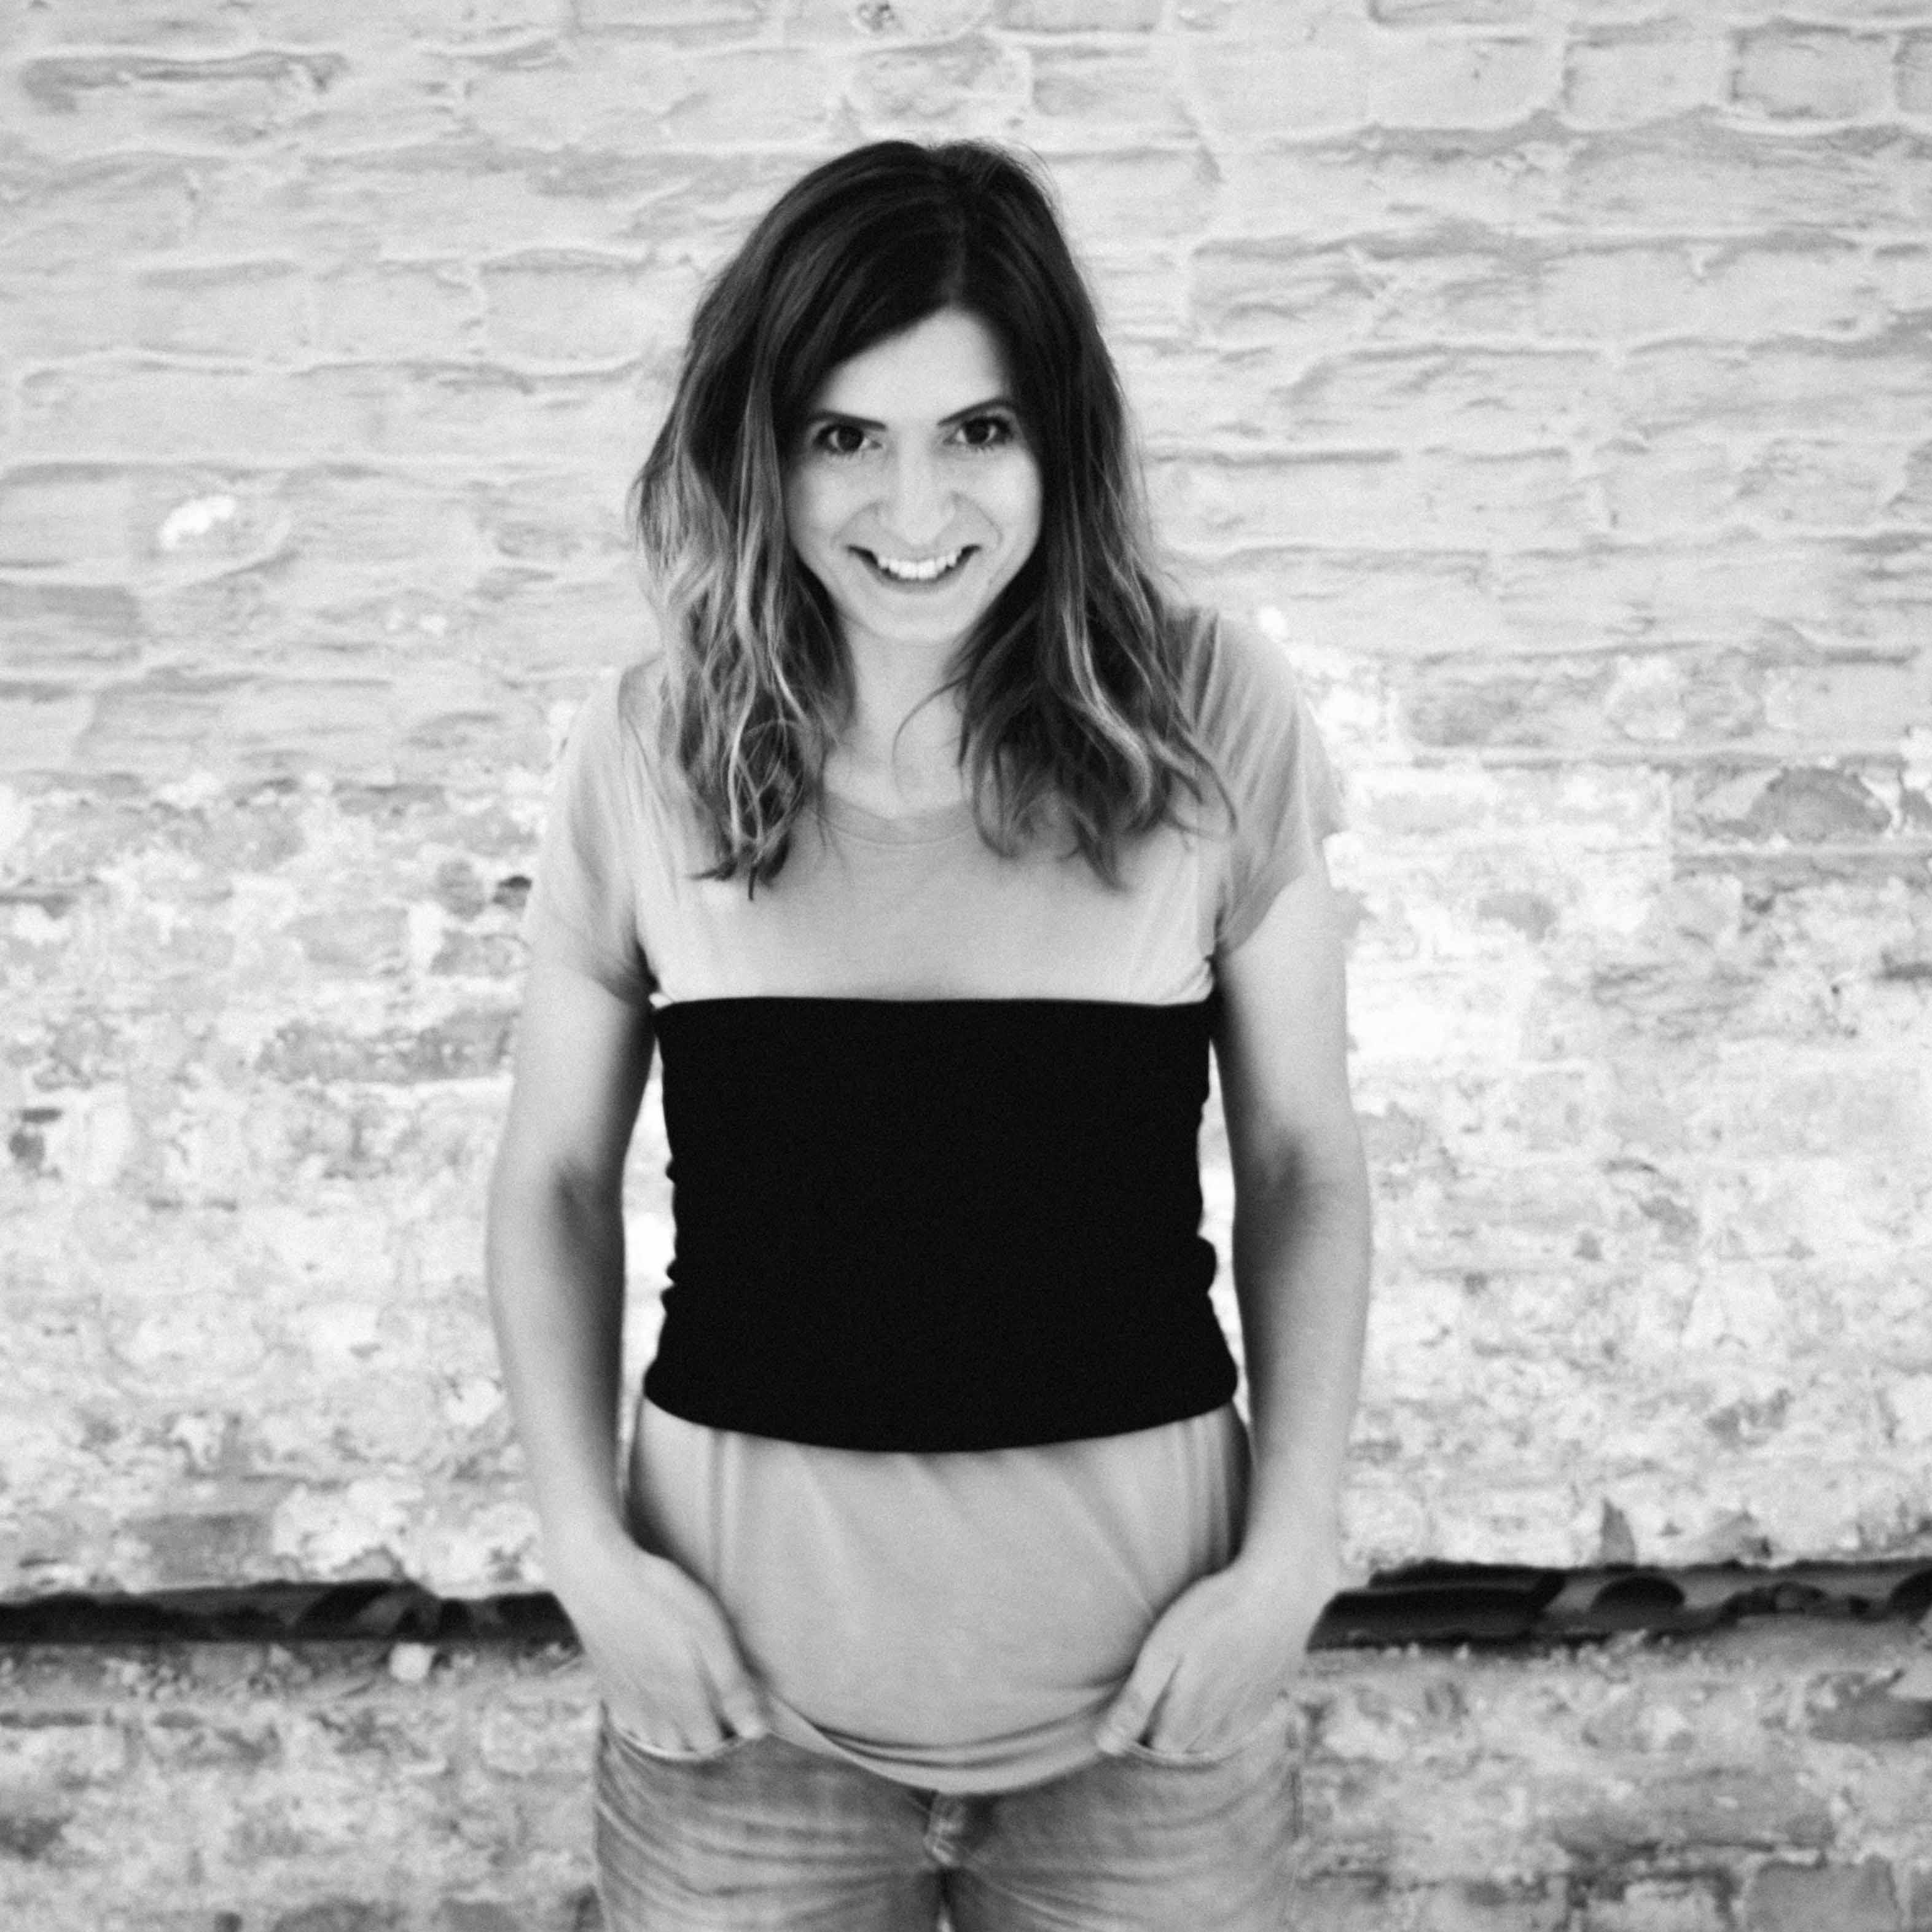 Portrait der Mode Stylistin in schwarz- weiß gestylt in handgemachtem Bandeau Top, lachend an einer Backsteinwand.